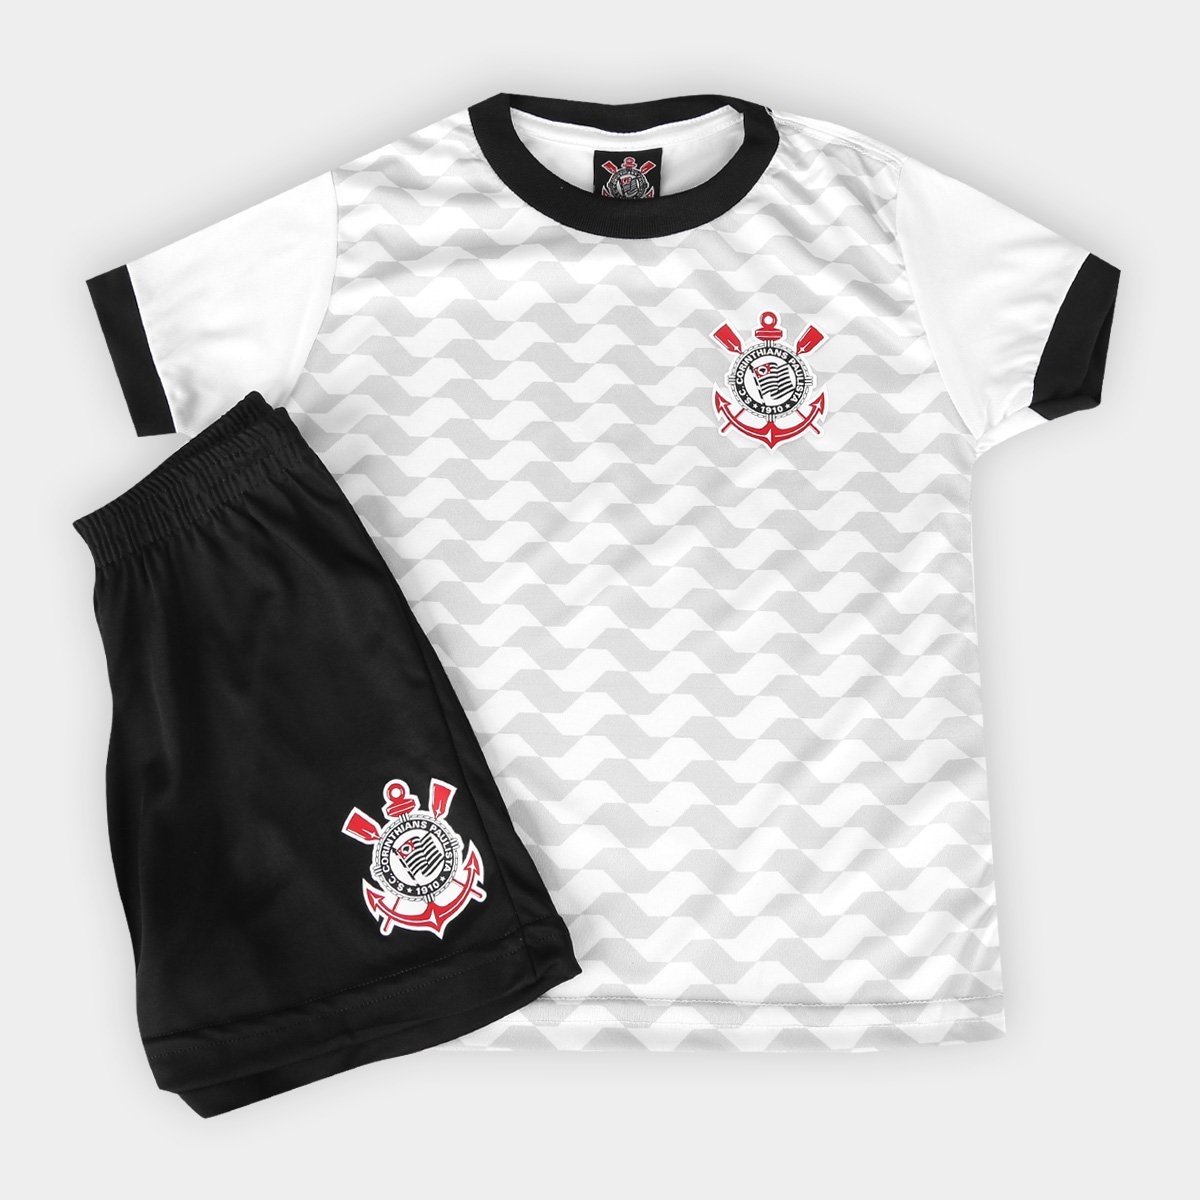 Conjunto Corinthians Libertados Infantil - Compre Agora  f2f885a18a4e8